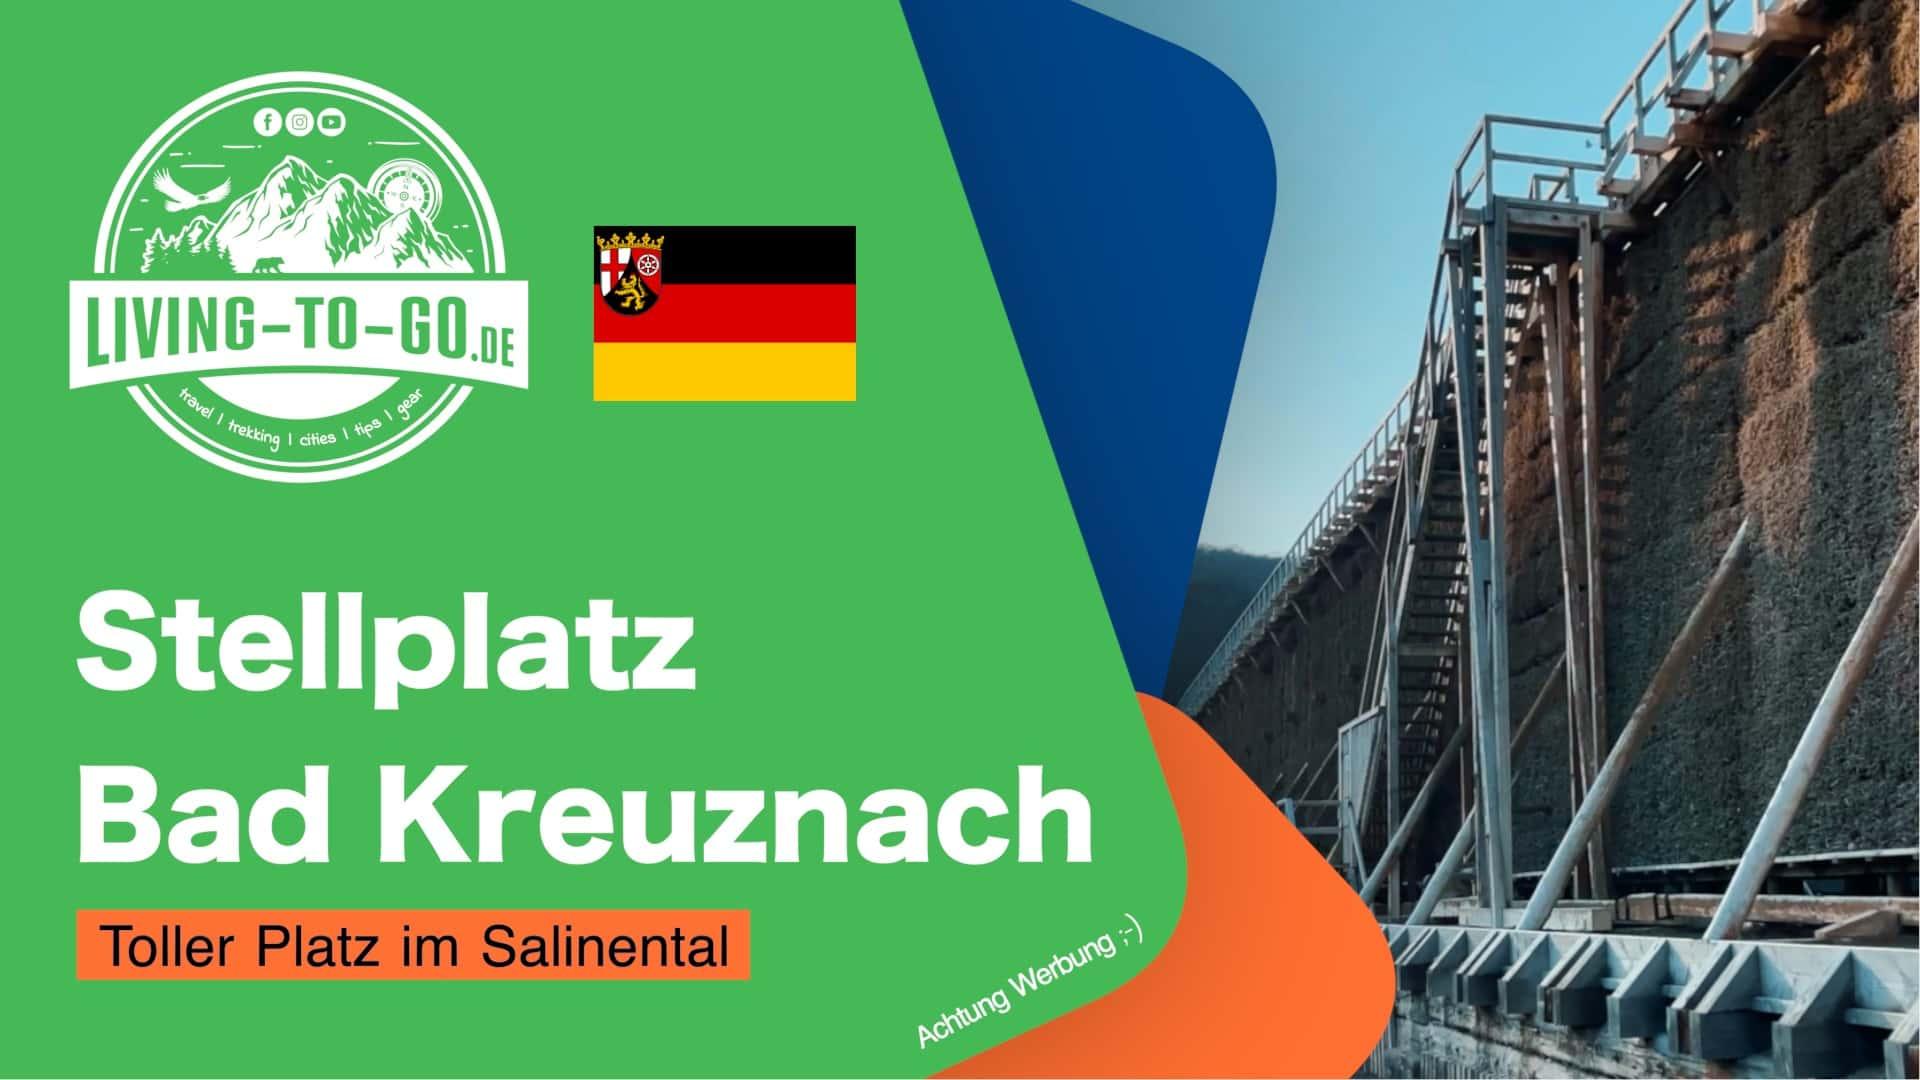 Wohnmobilstellplatz Bad Kreuznach